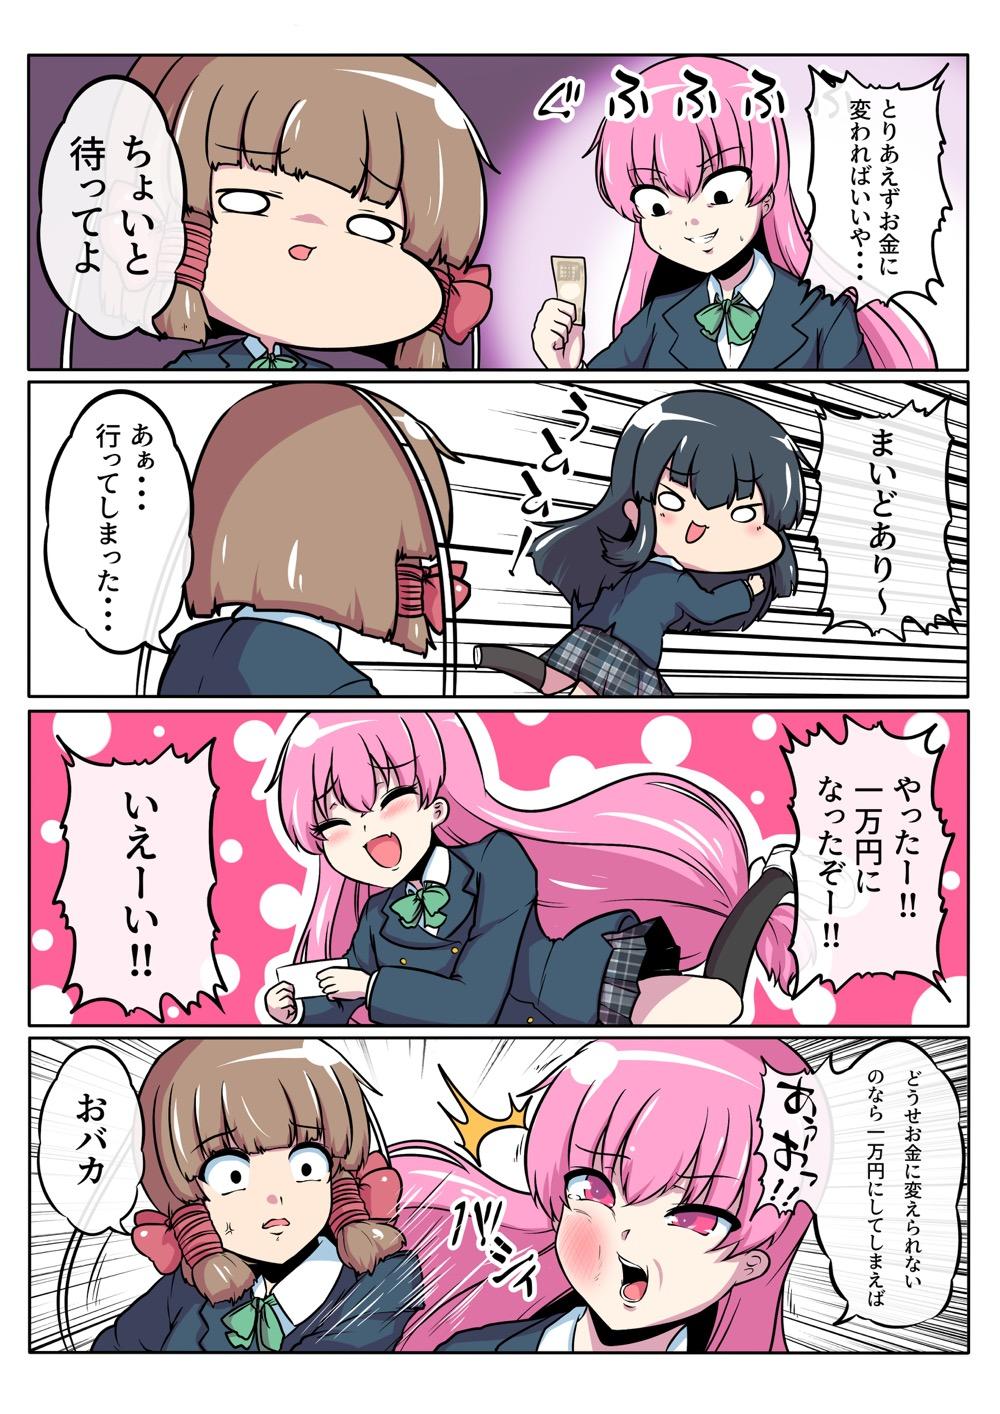 のーまねーがーる【第15話】漫画